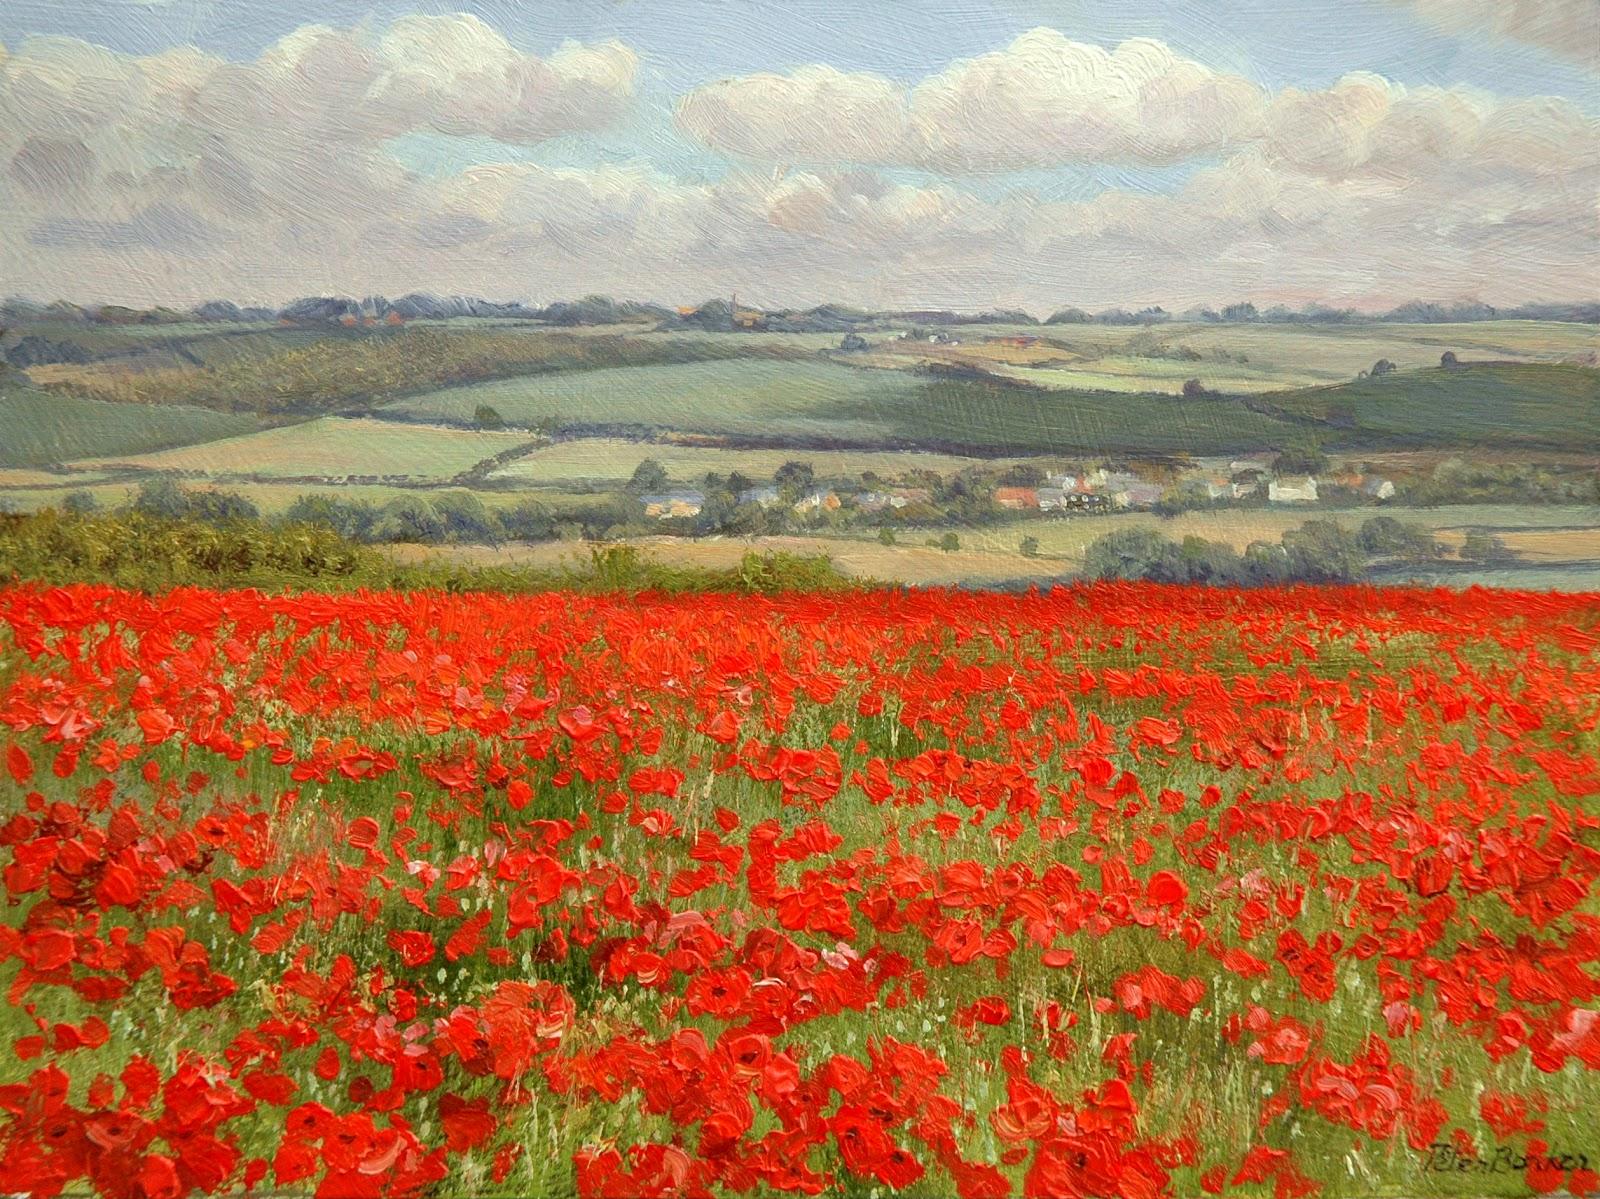 Barkers field